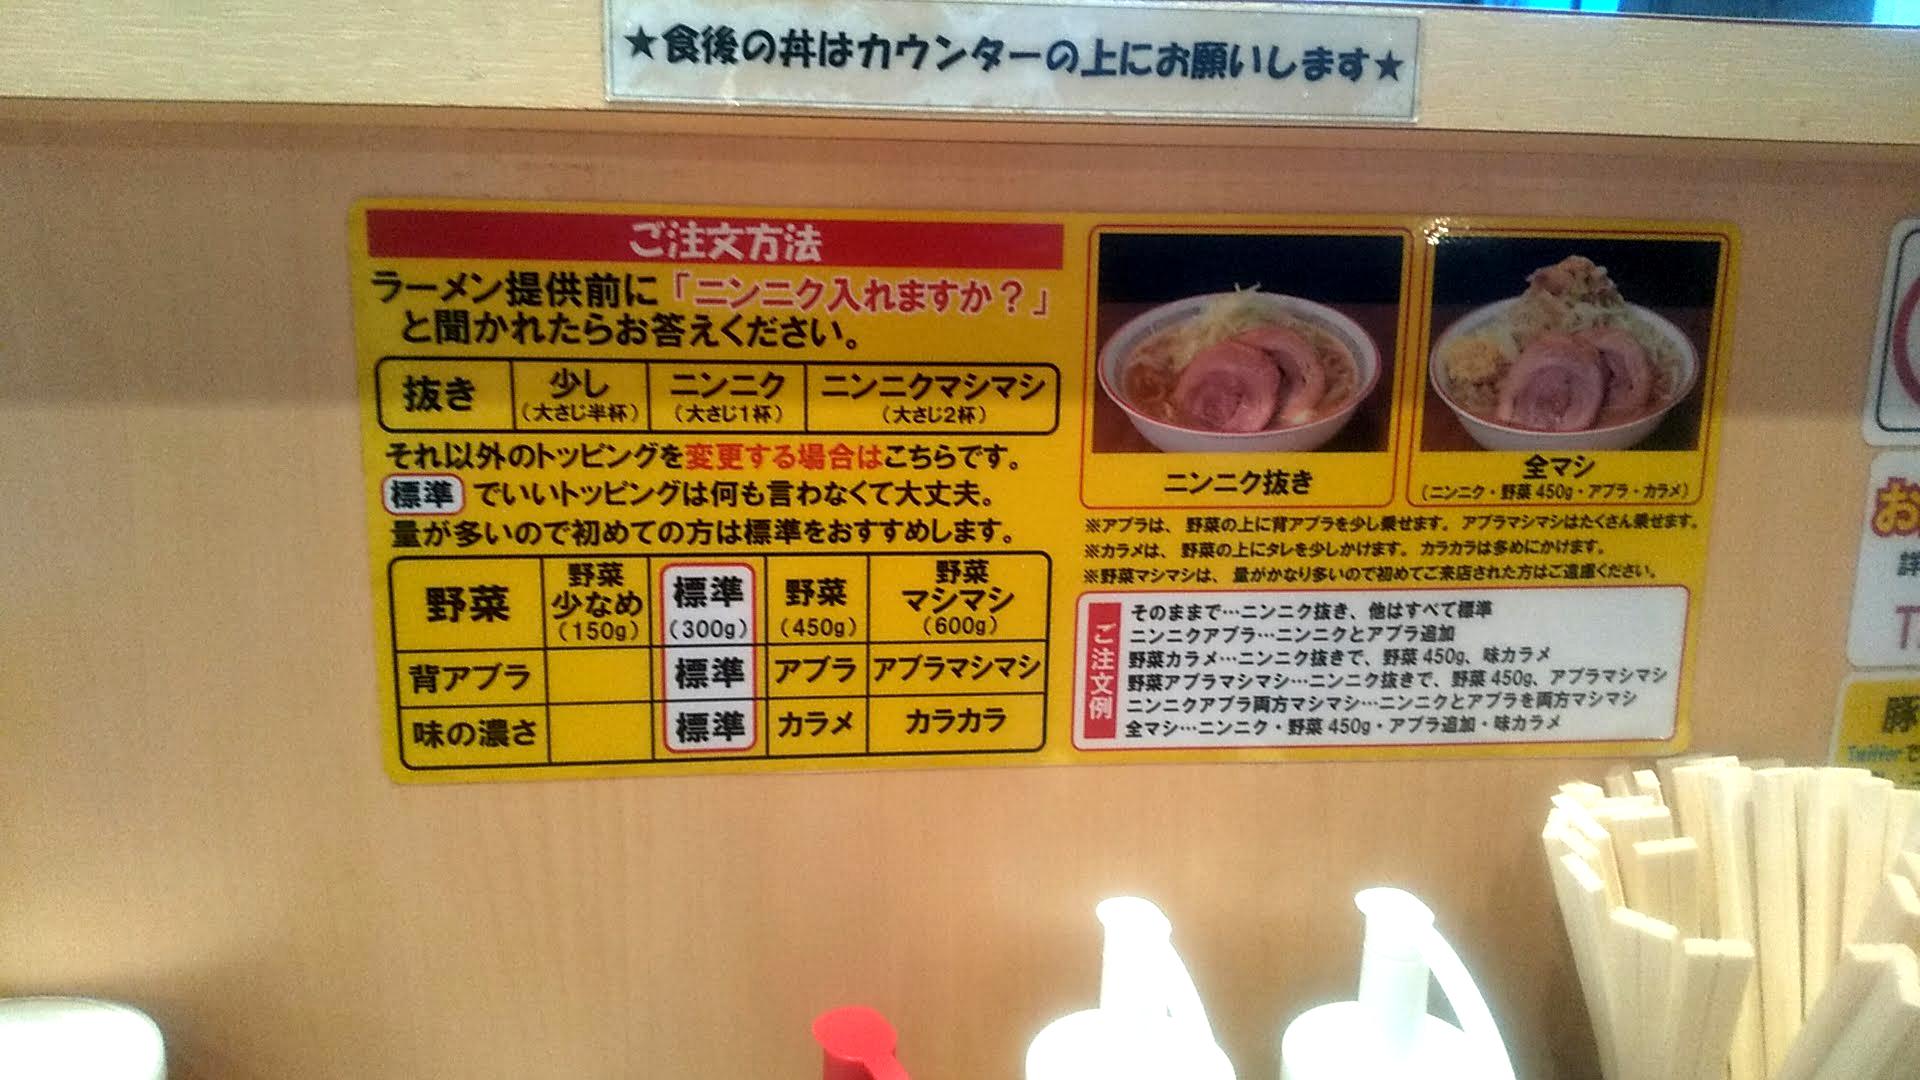 ラーメン豚山の注文方法の写真